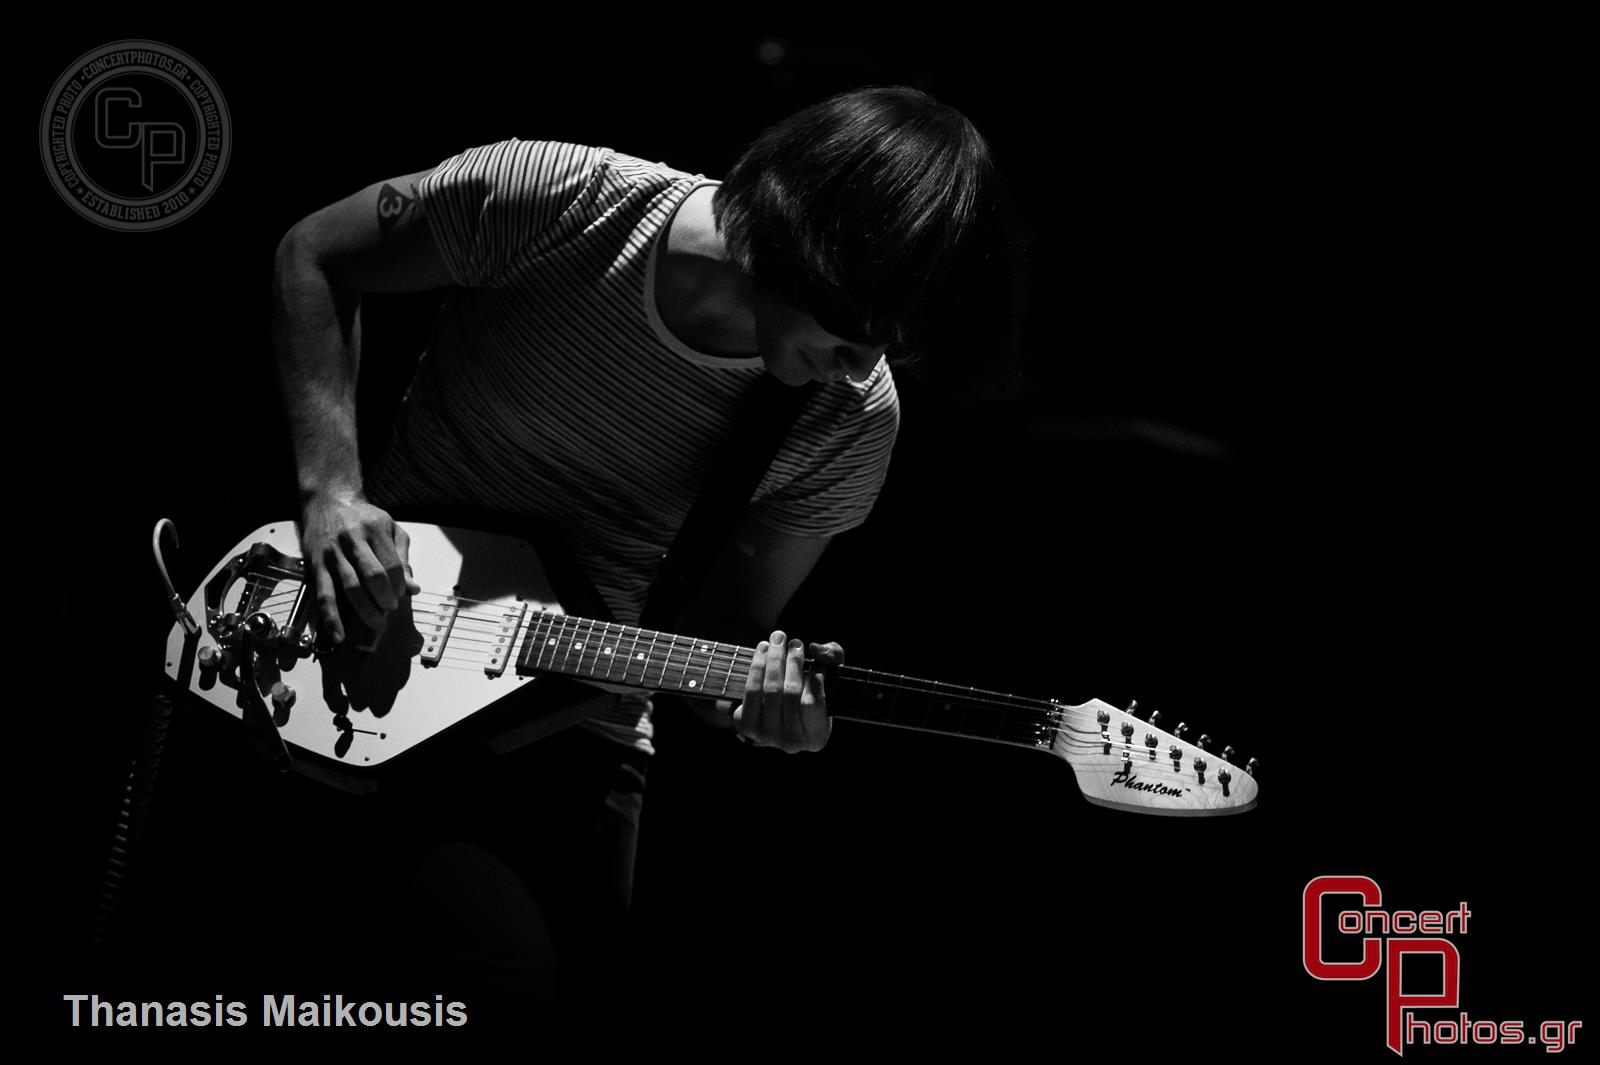 Allah Las & My Drunken Haze -Allah Las My Drunken Haze  photographer: Thanasis Maikousis - ConcertPhotos - 20141101_2308_52